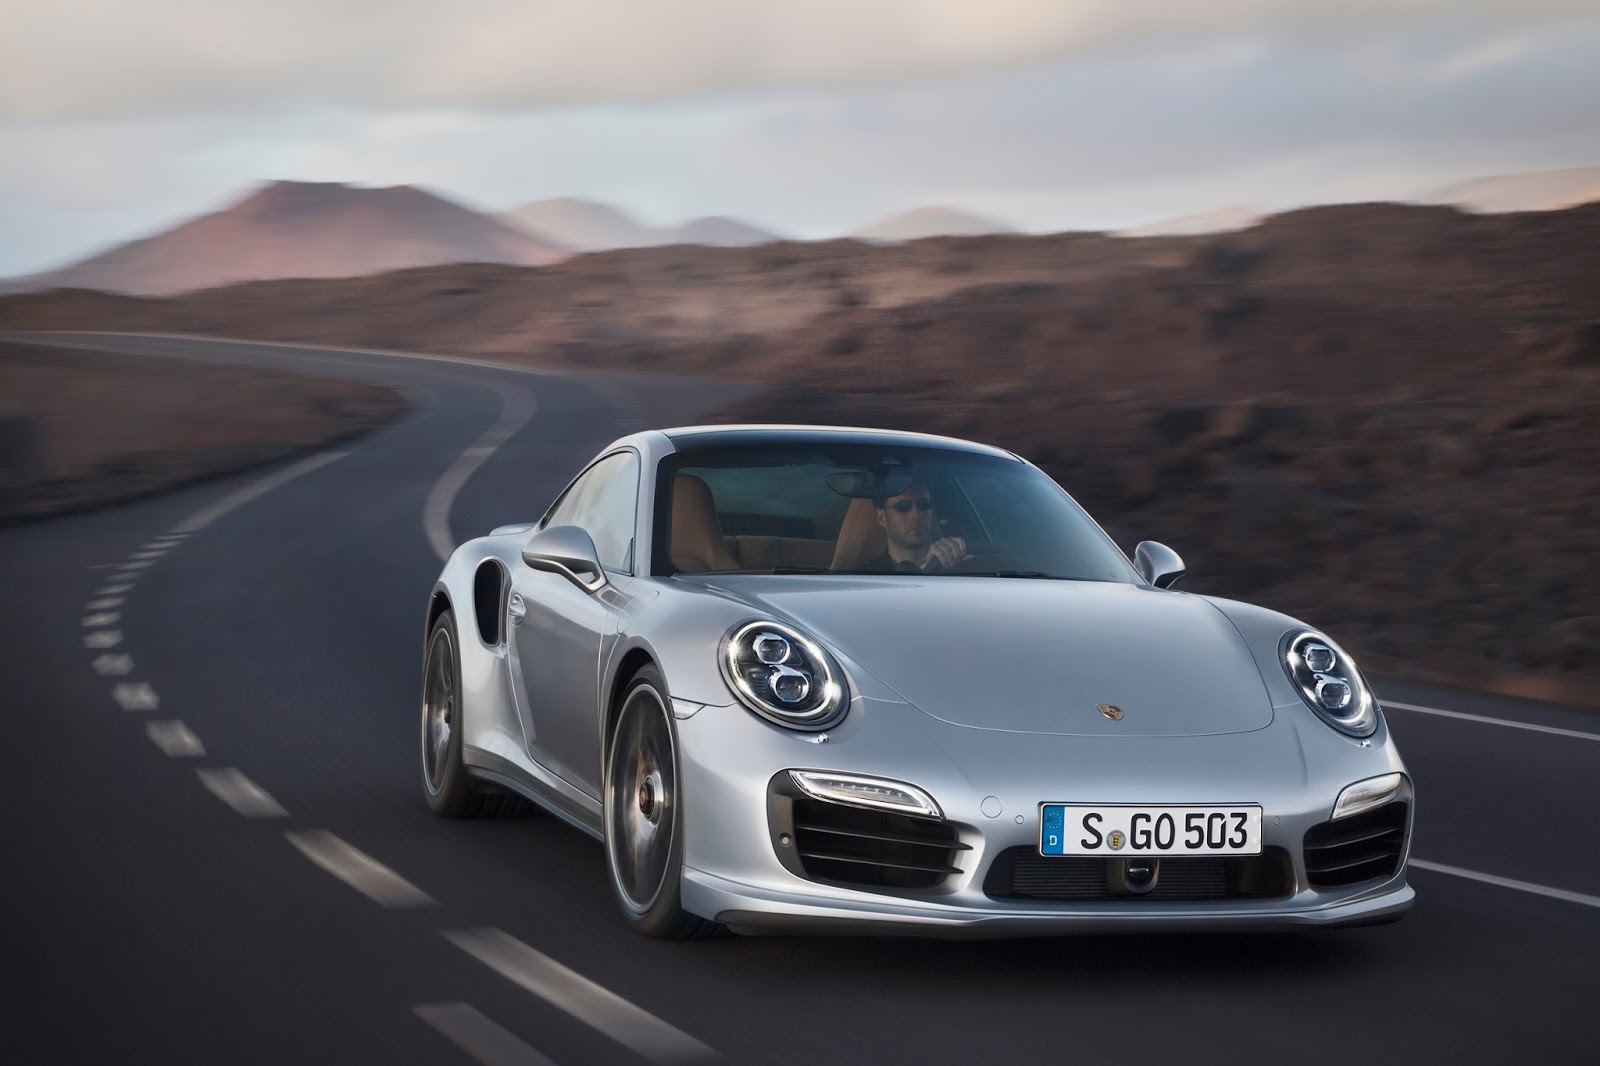 Bester Porsche aller Zeiten